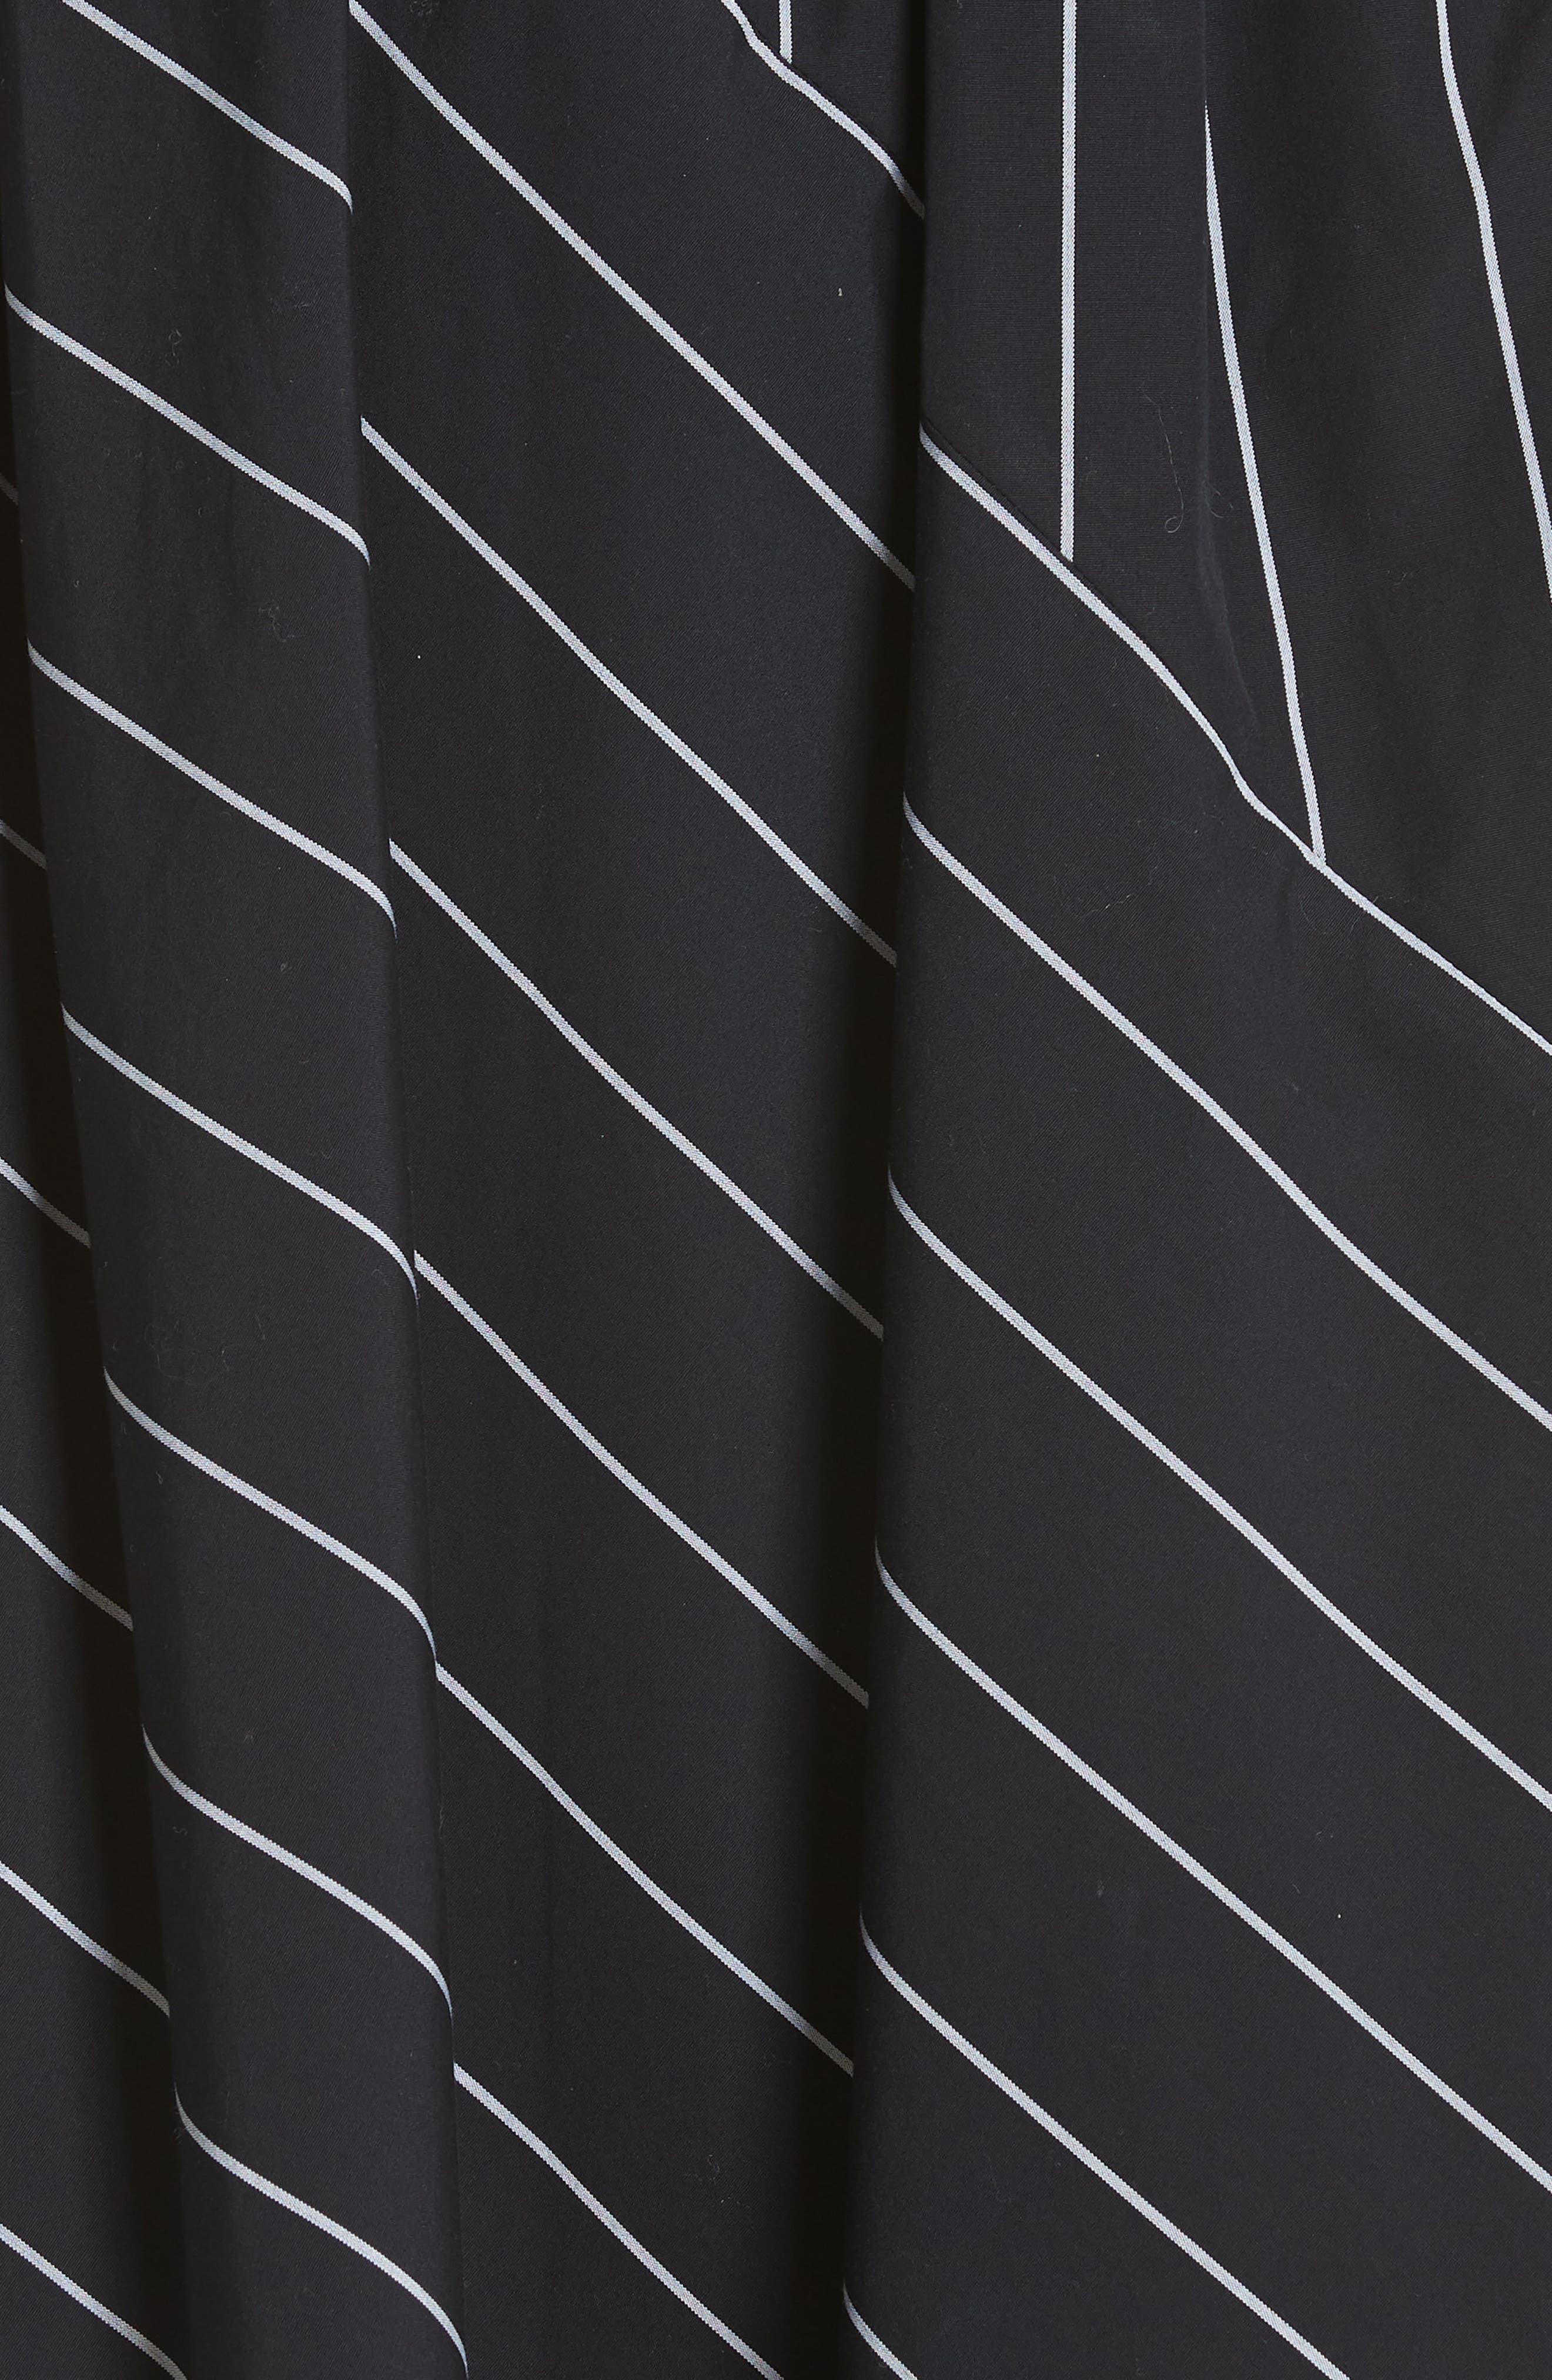 Skinny Stripe Asymmetrical Cotton Skirt,                             Alternate thumbnail 5, color,                             435